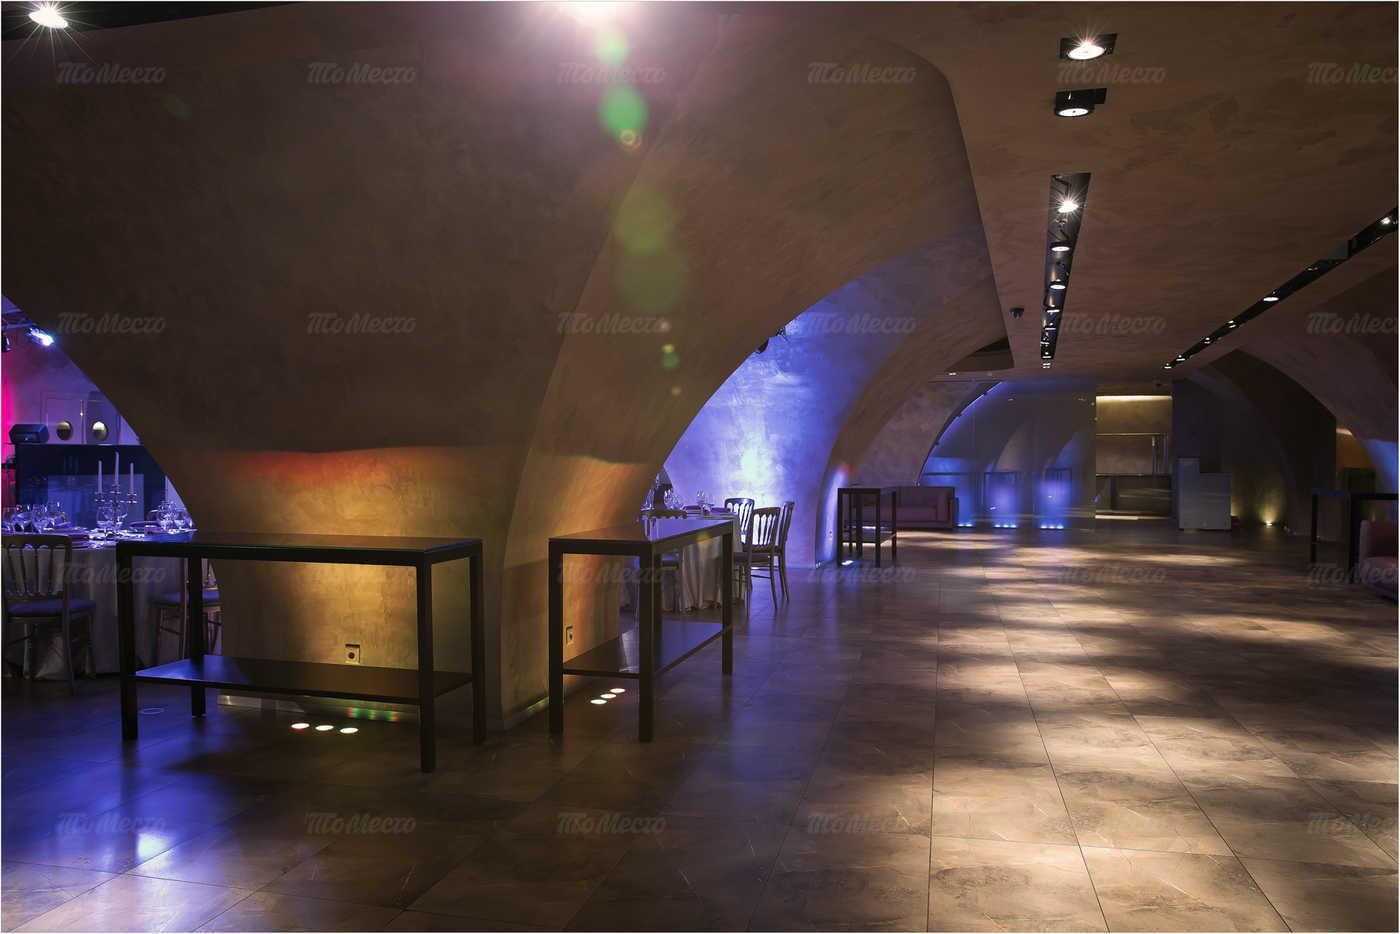 """Ресторан Банкет-холл """"Академия"""" (Academy) в Биржевом проезде фото 3"""